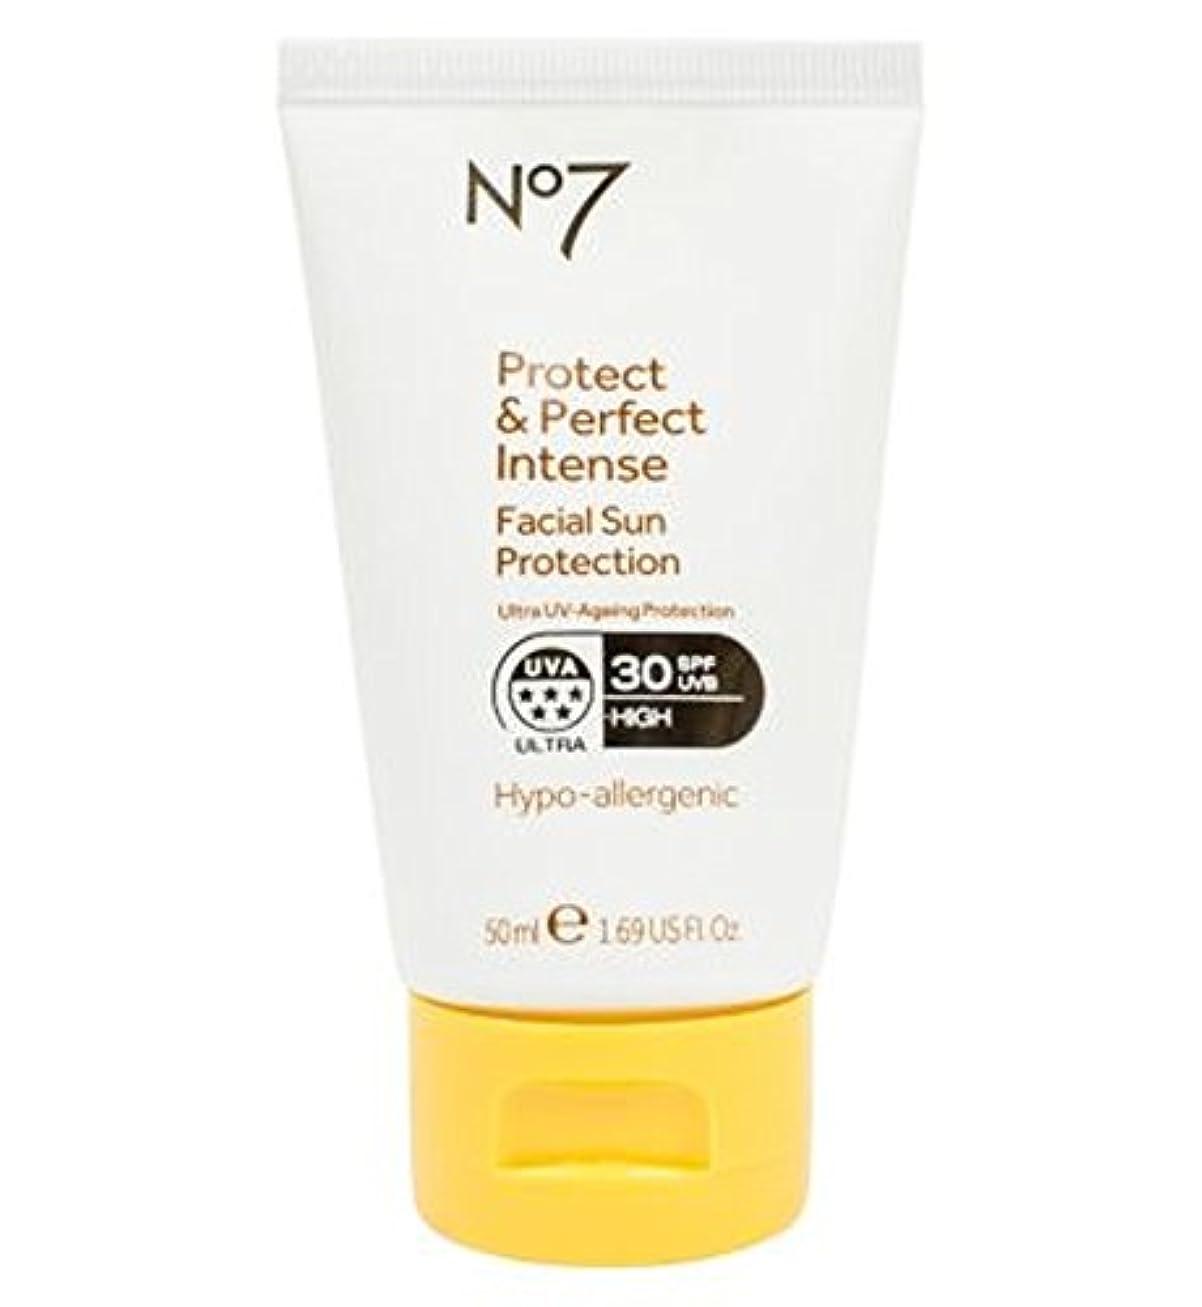 不十分な再現する注文No7 Protect & Perfect Intense Facial Sun Protection SPF 30 50ml - No7保護&完璧な強烈な顔の日焼け防止Spf 30 50ミリリットル (No7) [並行輸入品]